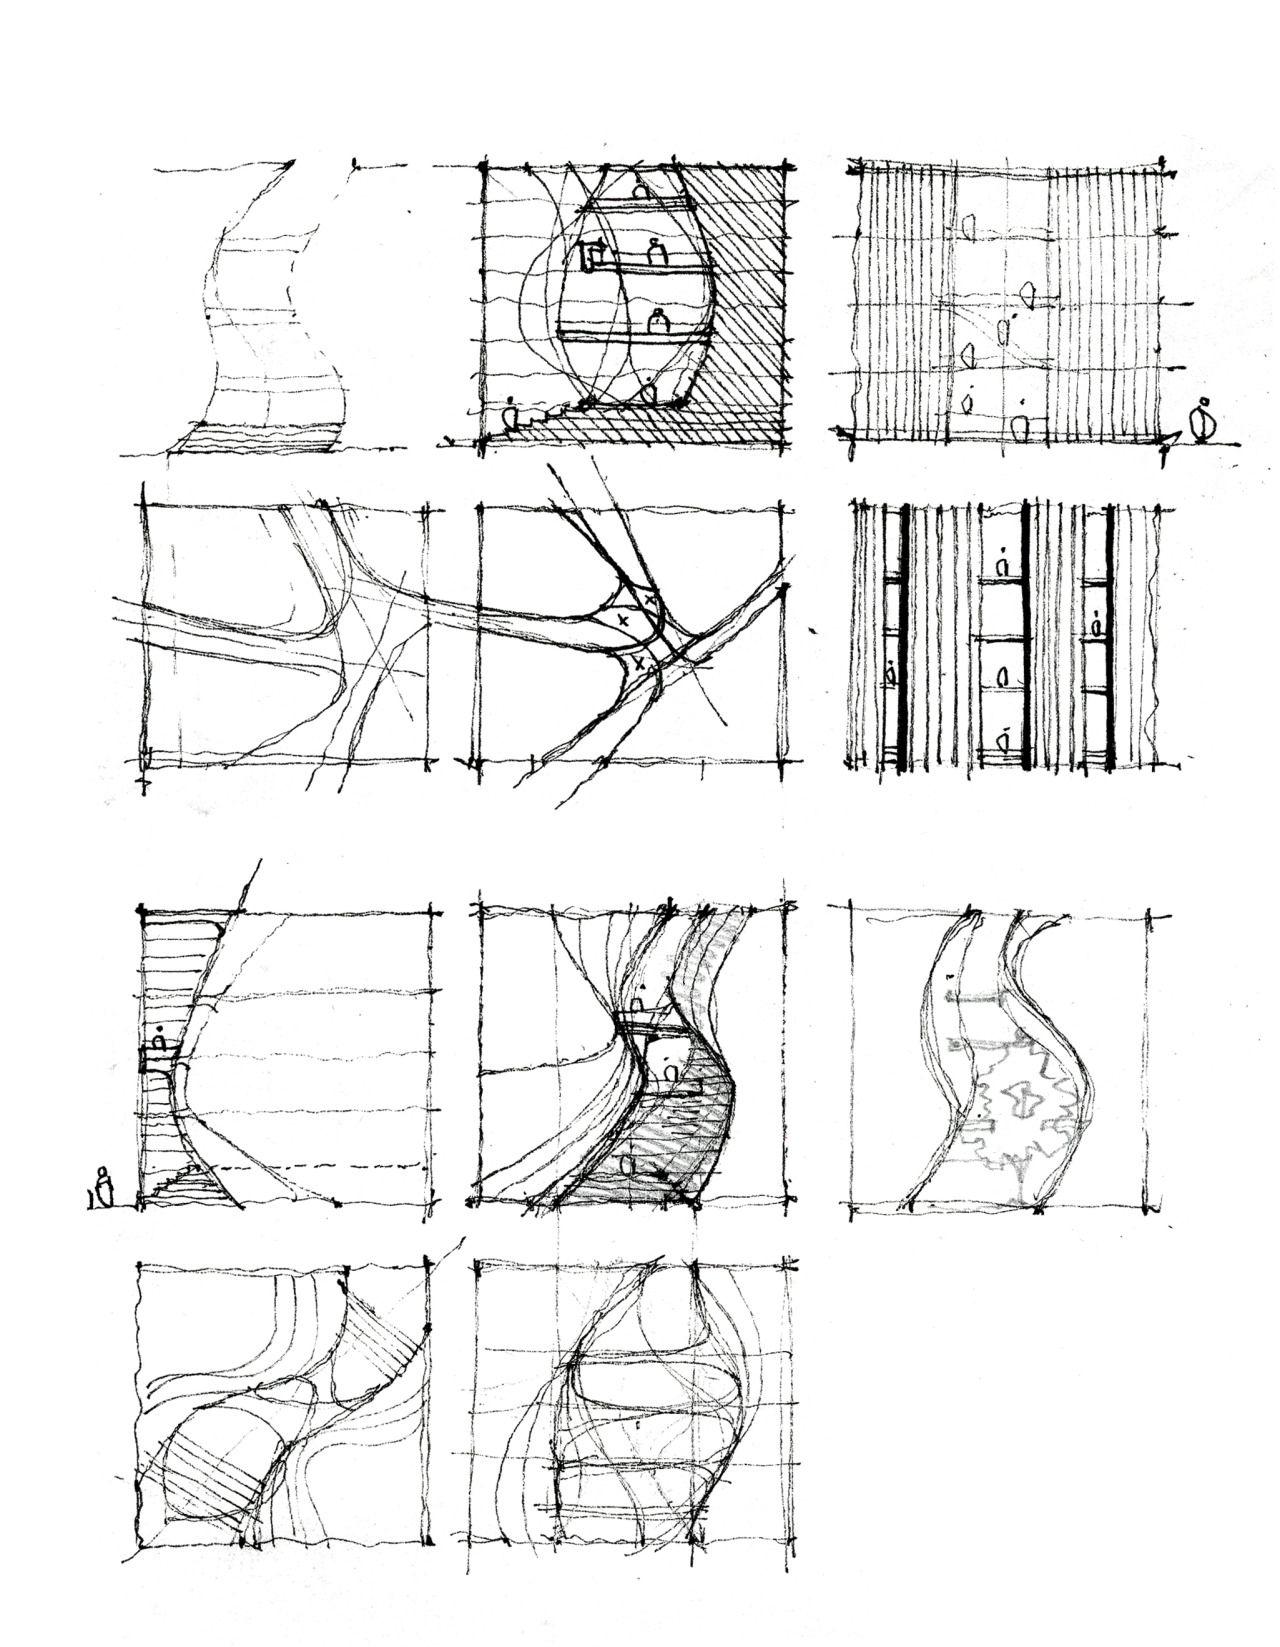 khoa vu s sketches photo [ 1280 x 1647 Pixel ]